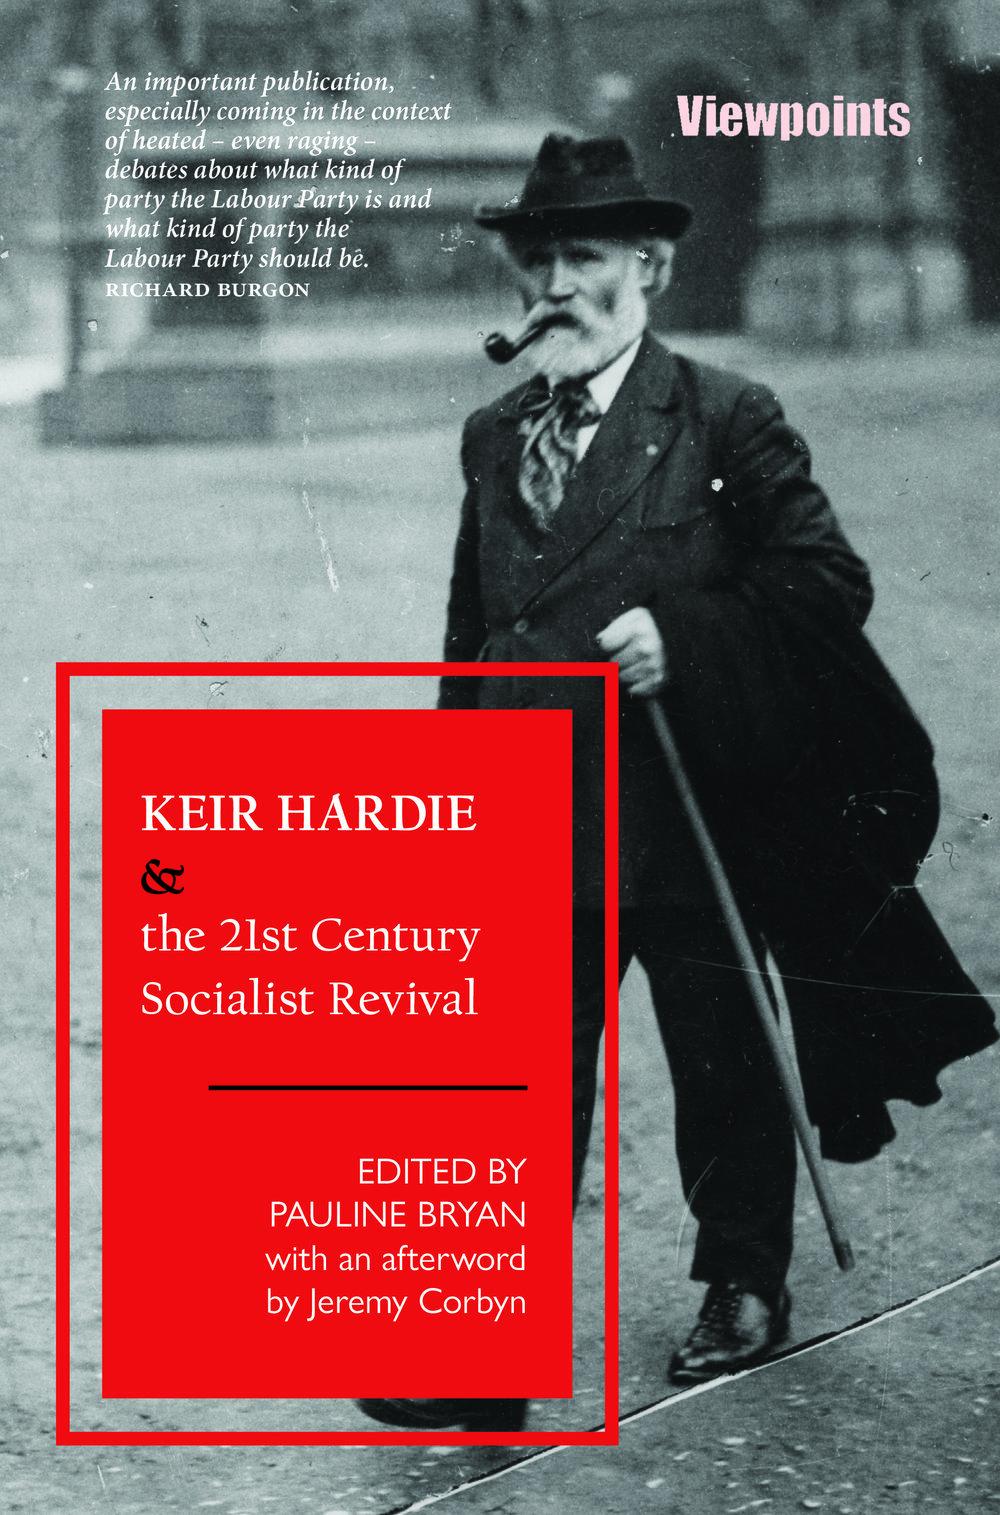 Keir Hardie and the 21st Century Socialist Revivial Pauline Bryan 9781913025038 Luath Press.jpg